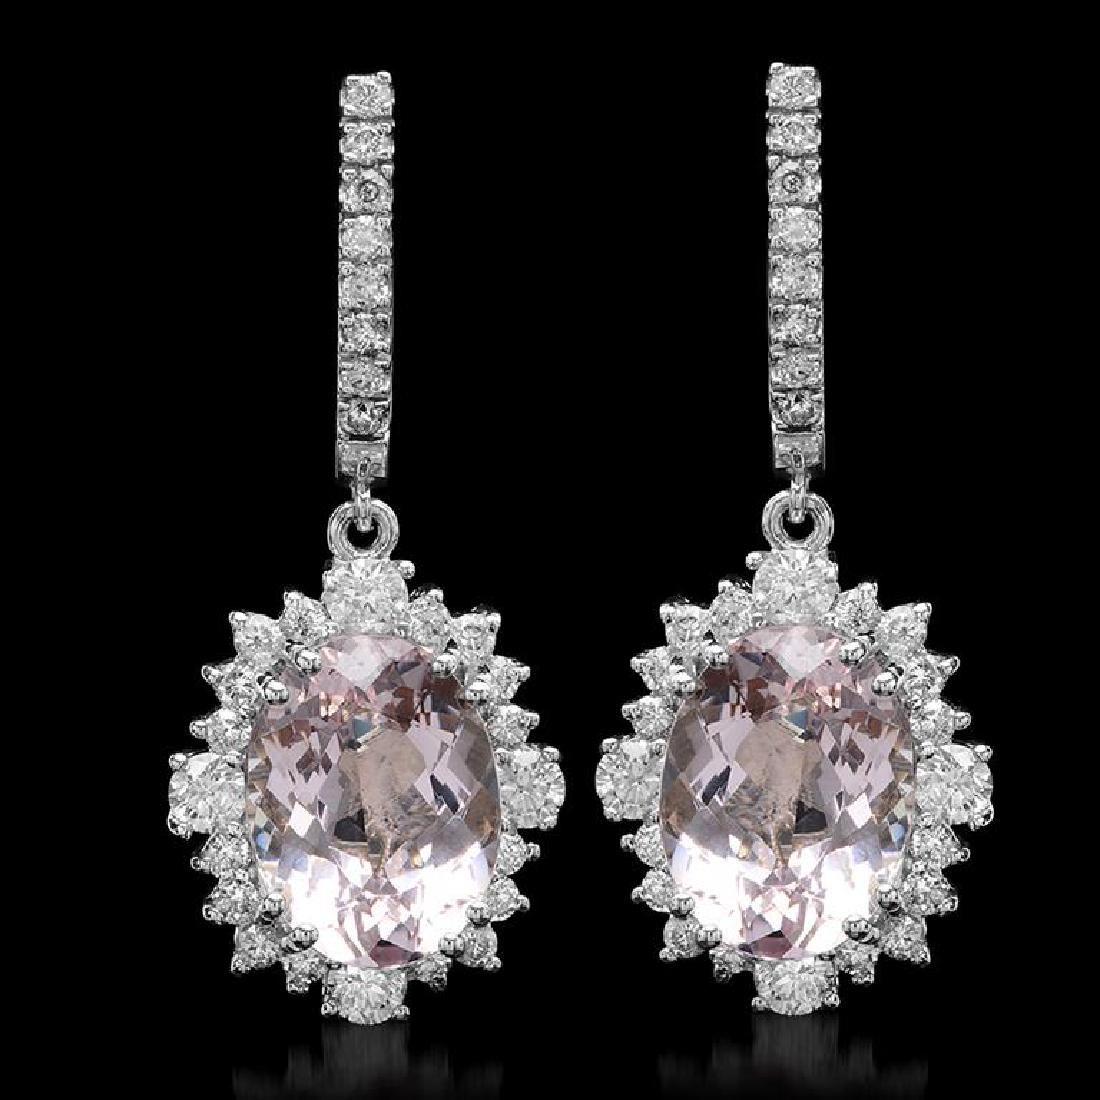 14K Gold 10.66ct Morganite 2.35ct Diamond Earrings